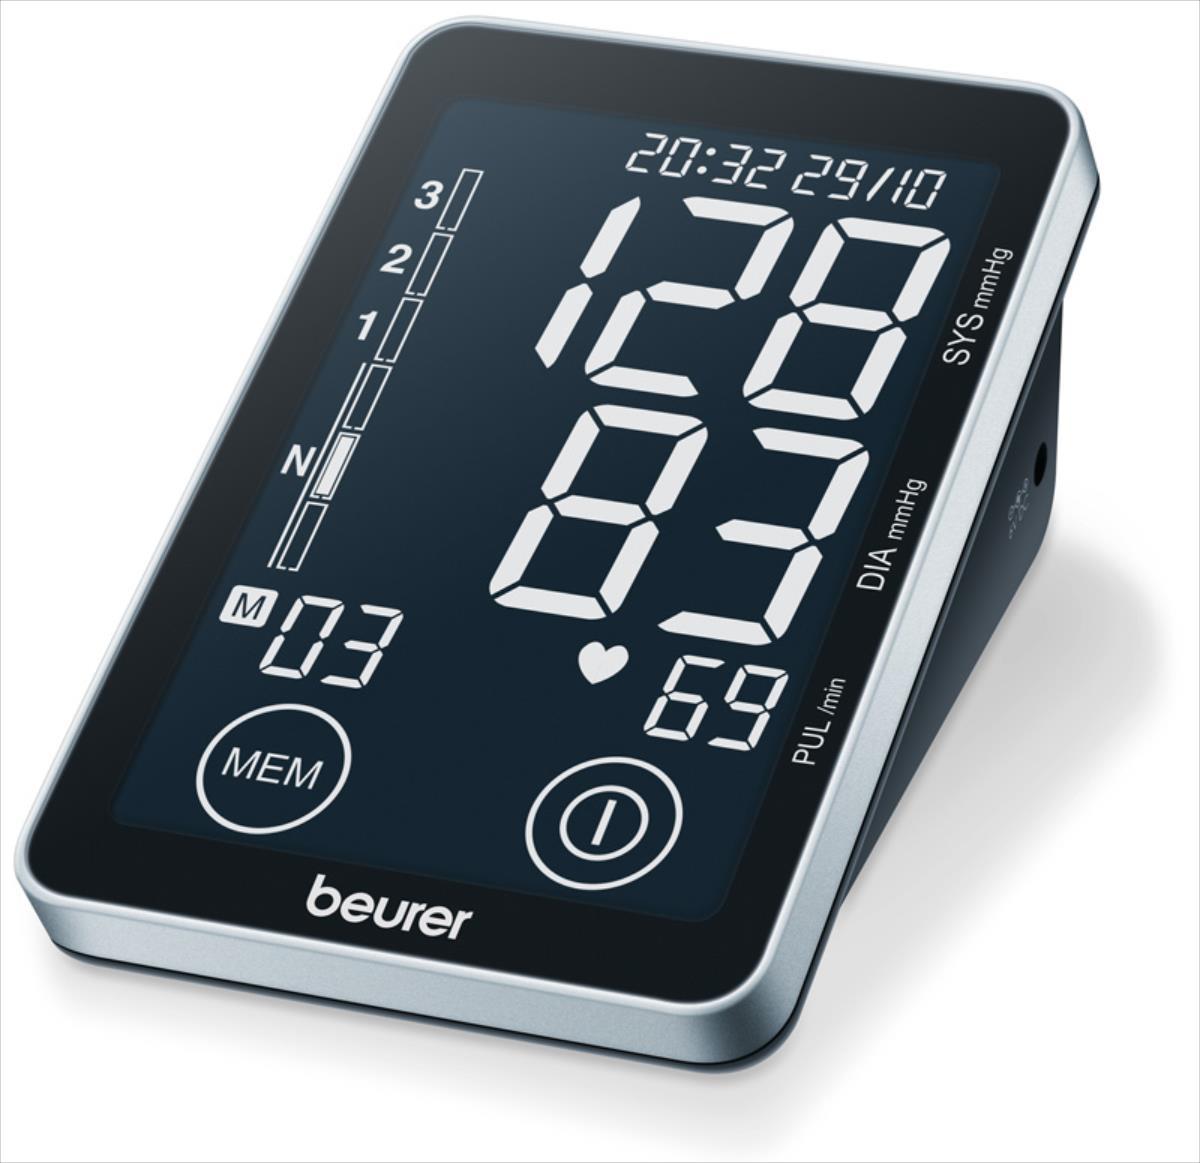 BEURER BM 58 asinsspiediena mērītājs